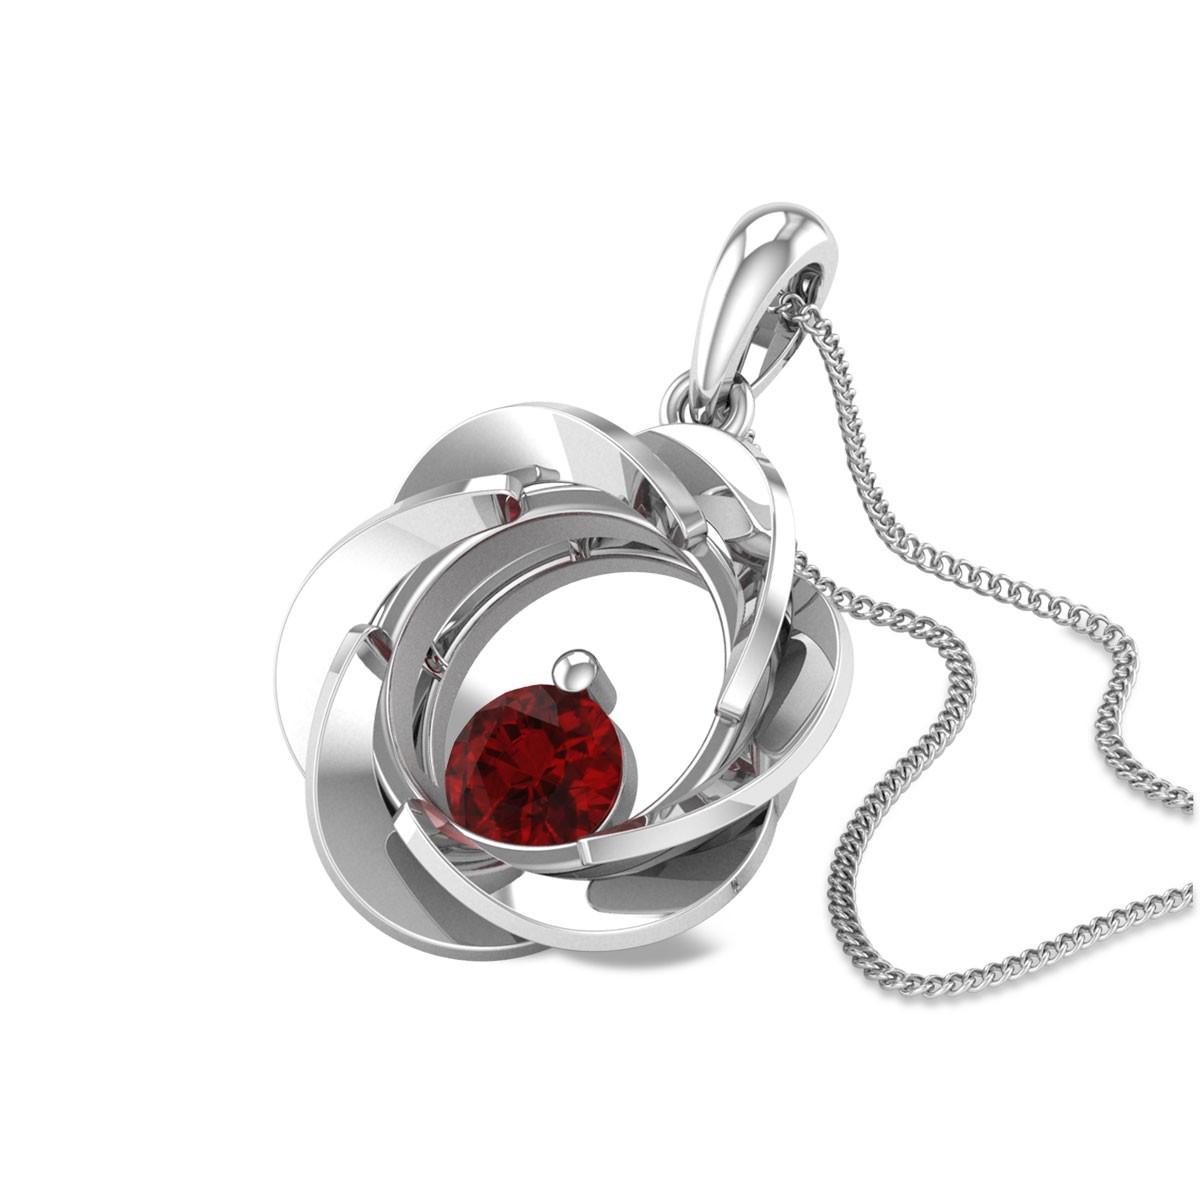 Euterpe Ruby Floral Pendant